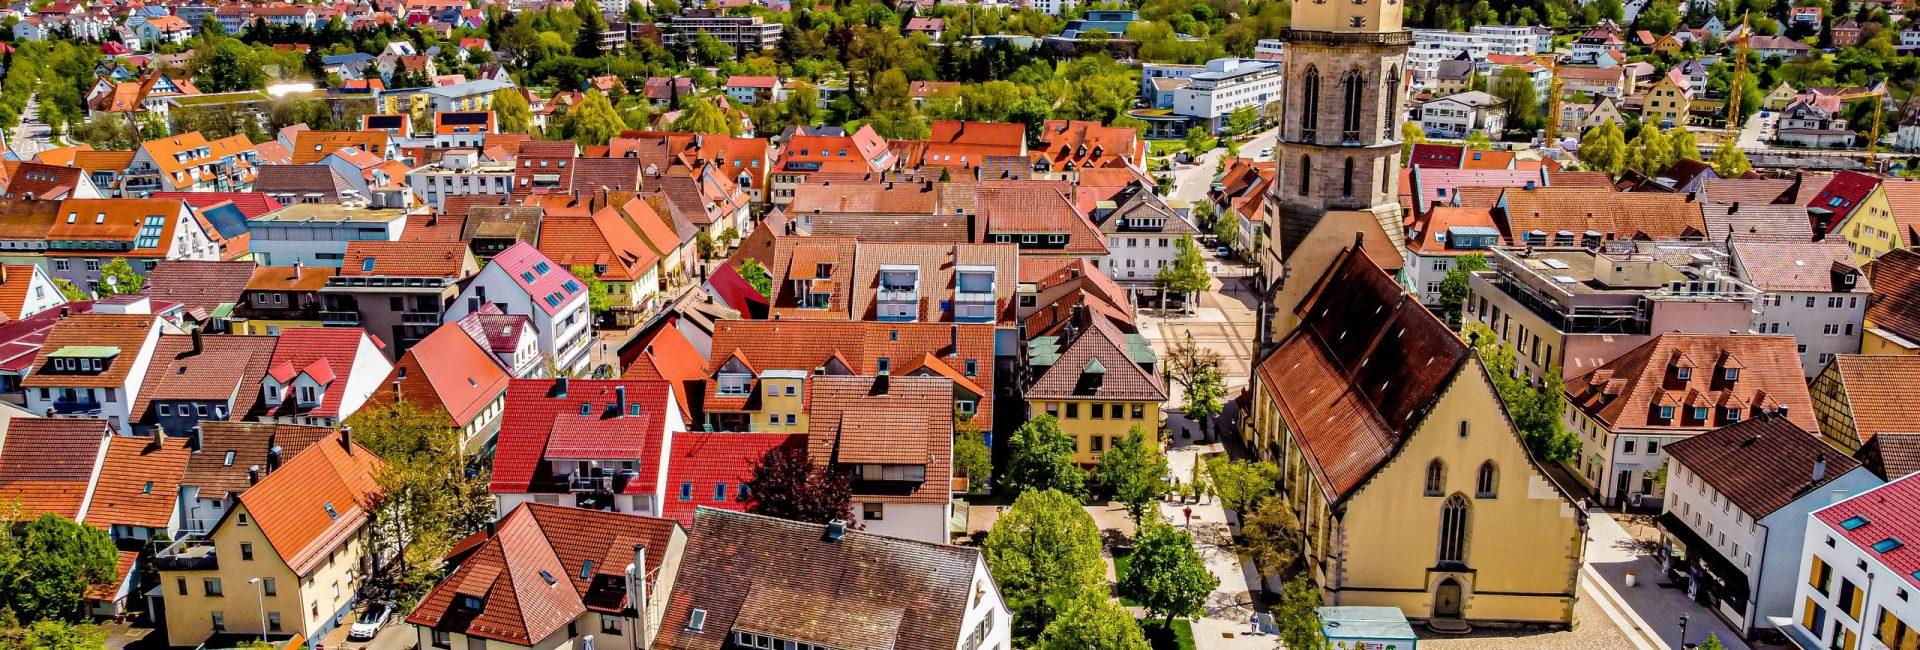 Der Blick auf den Kirchplatz mit der Stadthalle im Hintergrund